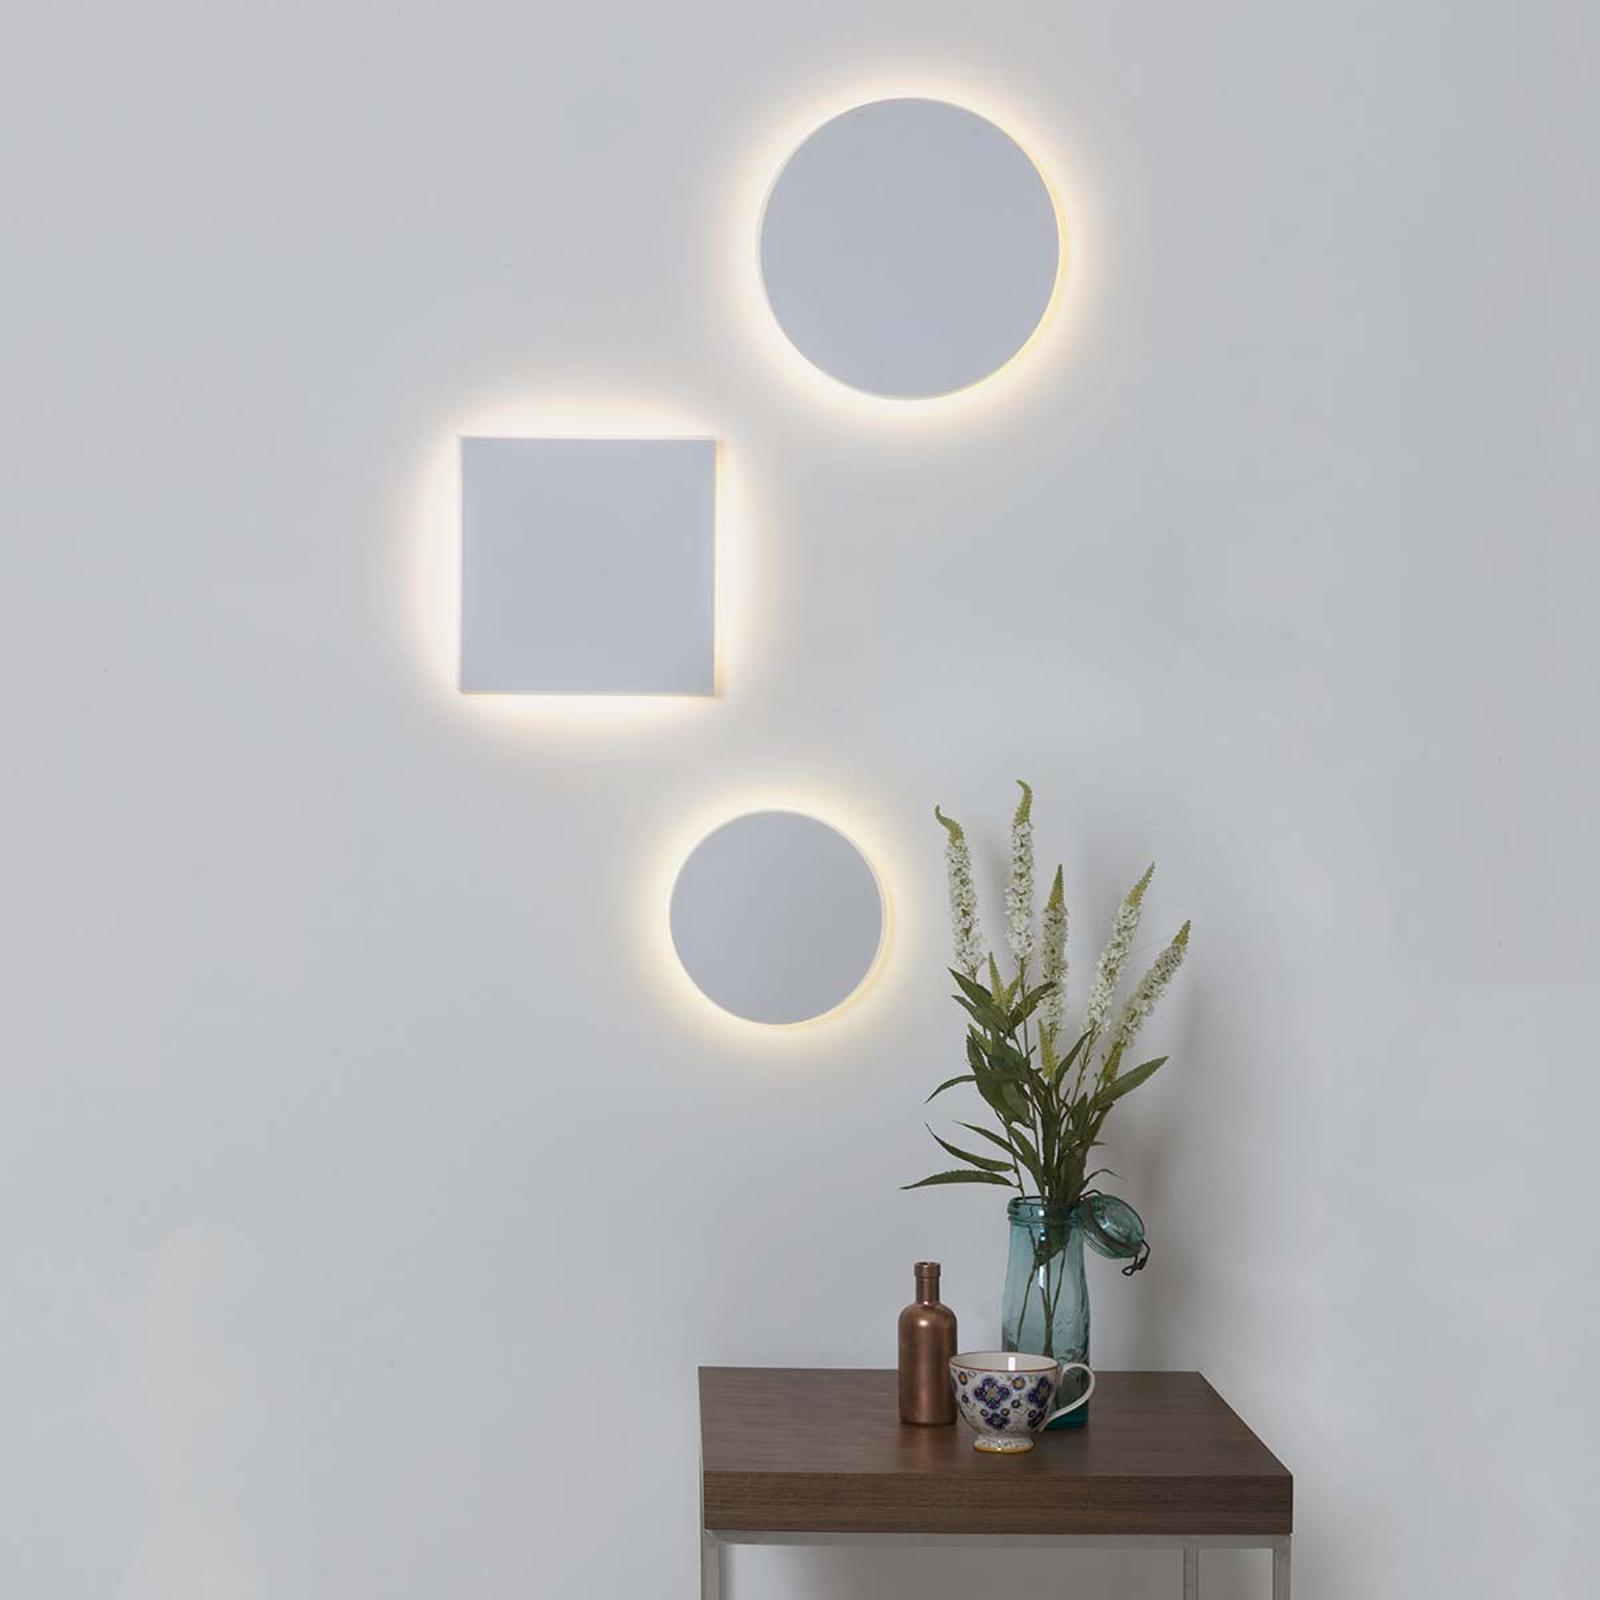 Eclipse Round LED-vägglampa med fantastisk effekt